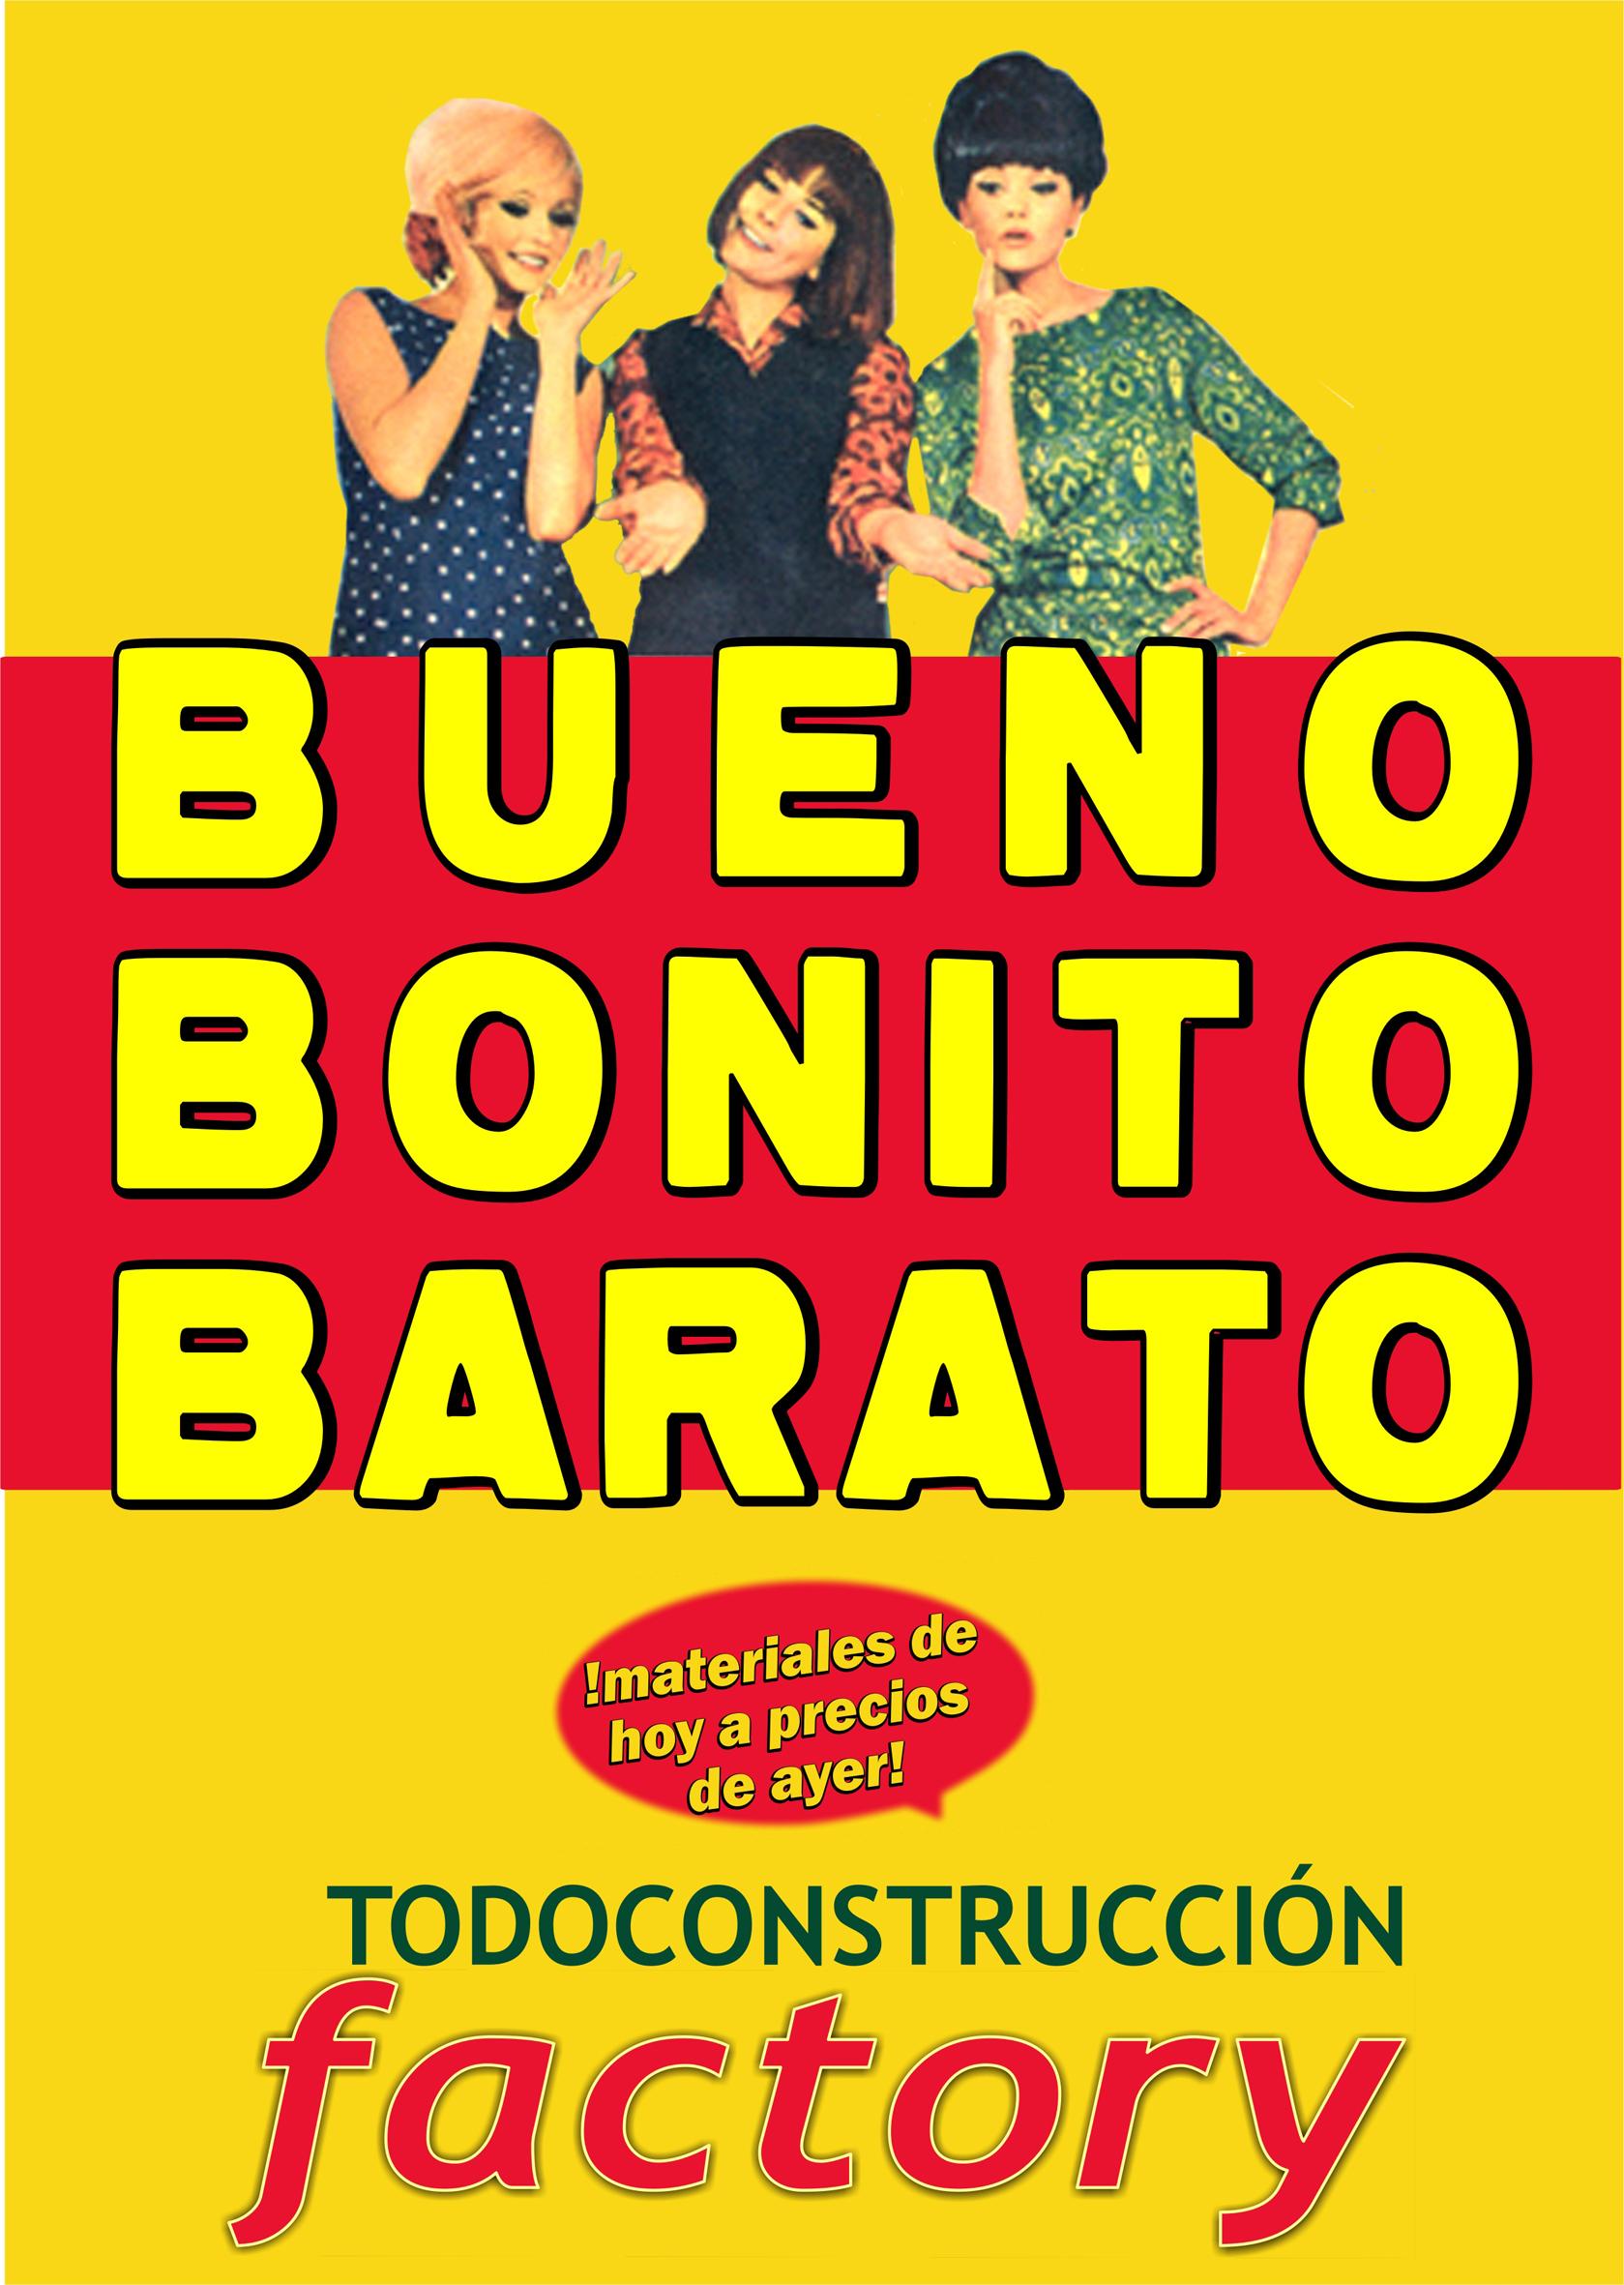 PRACTICA EL BBB EN TODOCONSTRUCCION FACTORY